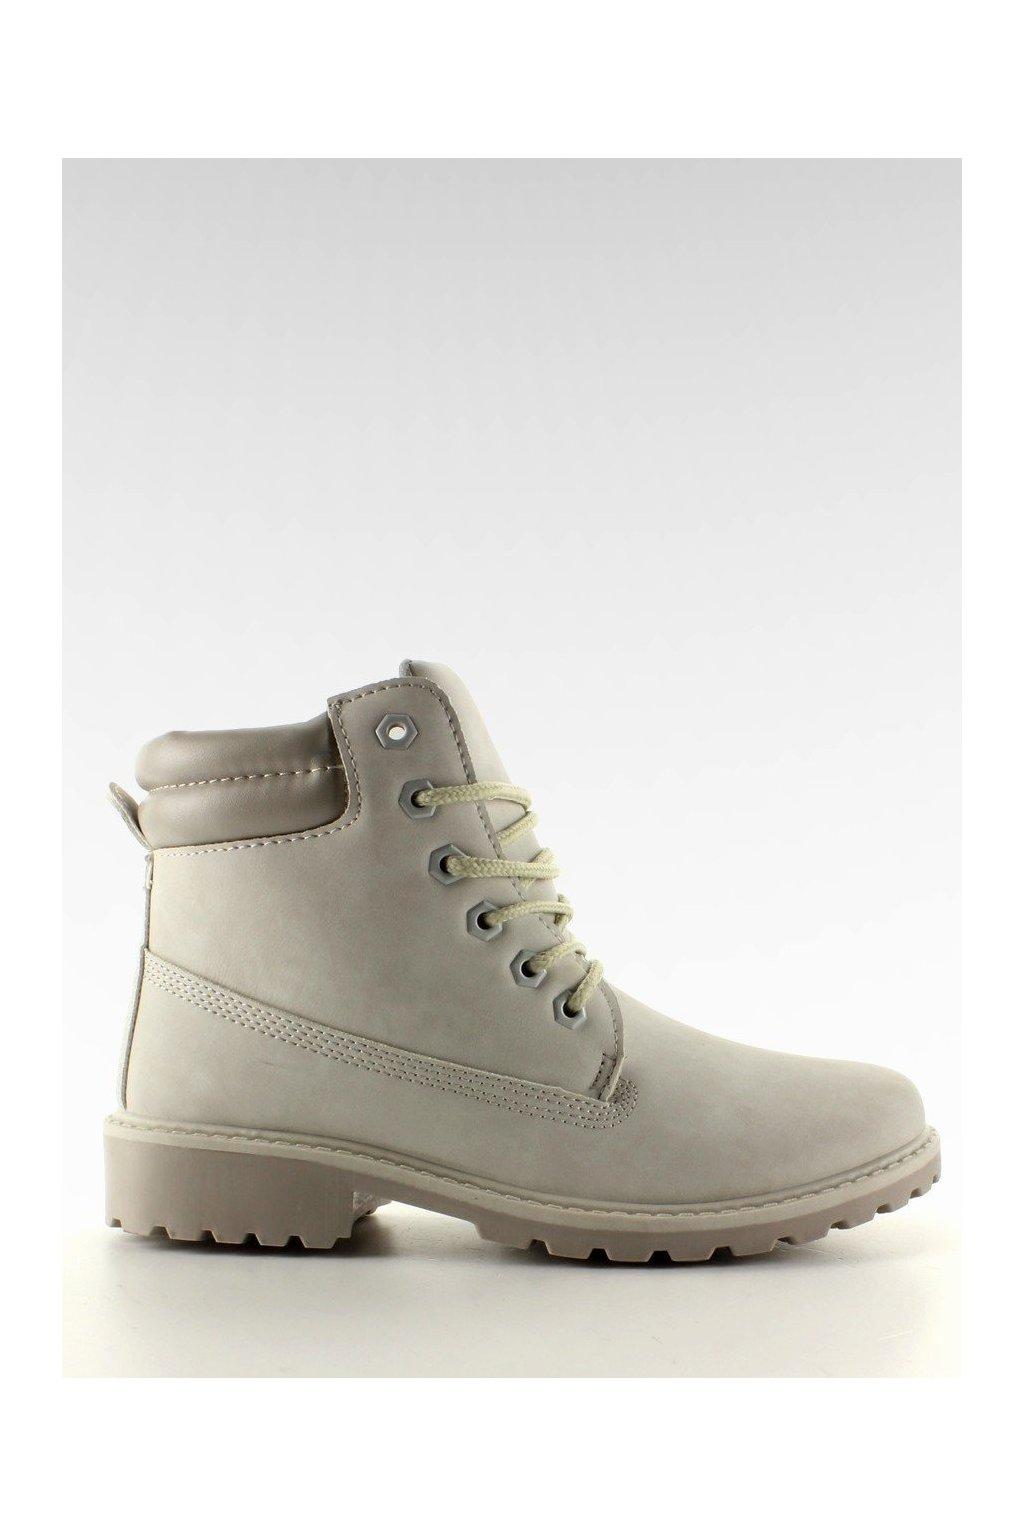 Dámske topánky na zimu sivé BL83